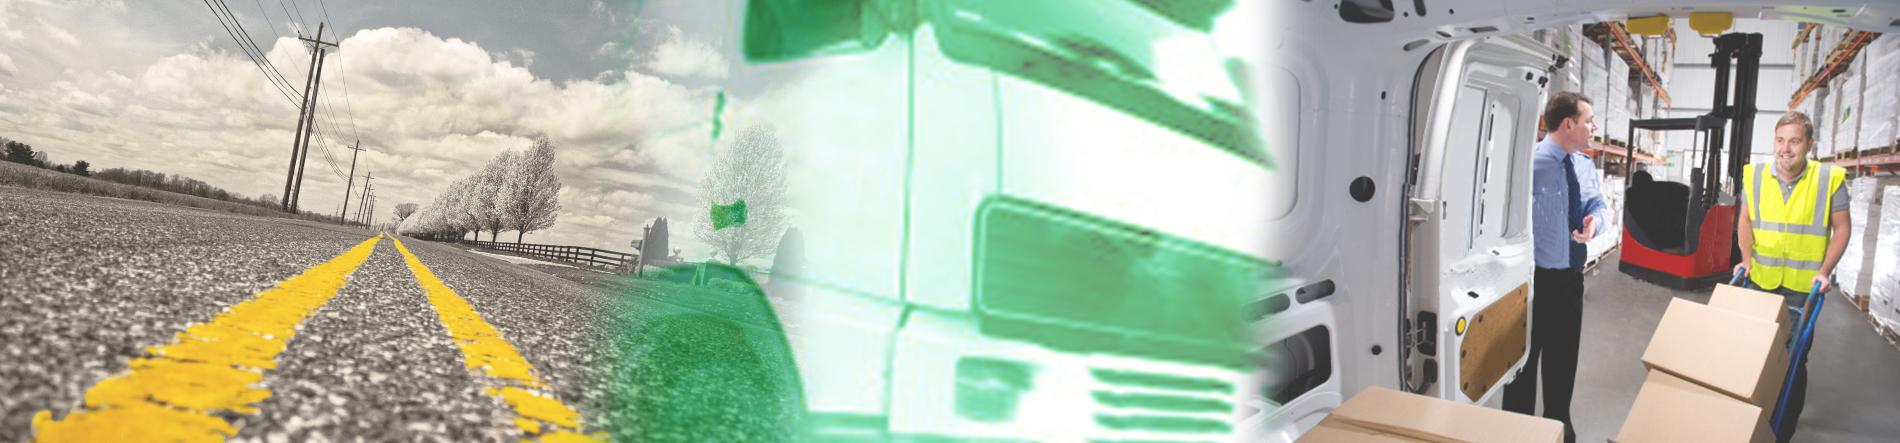 Trasporti speciali - Trasporto di lenti a contatto - Trasporto Cavie